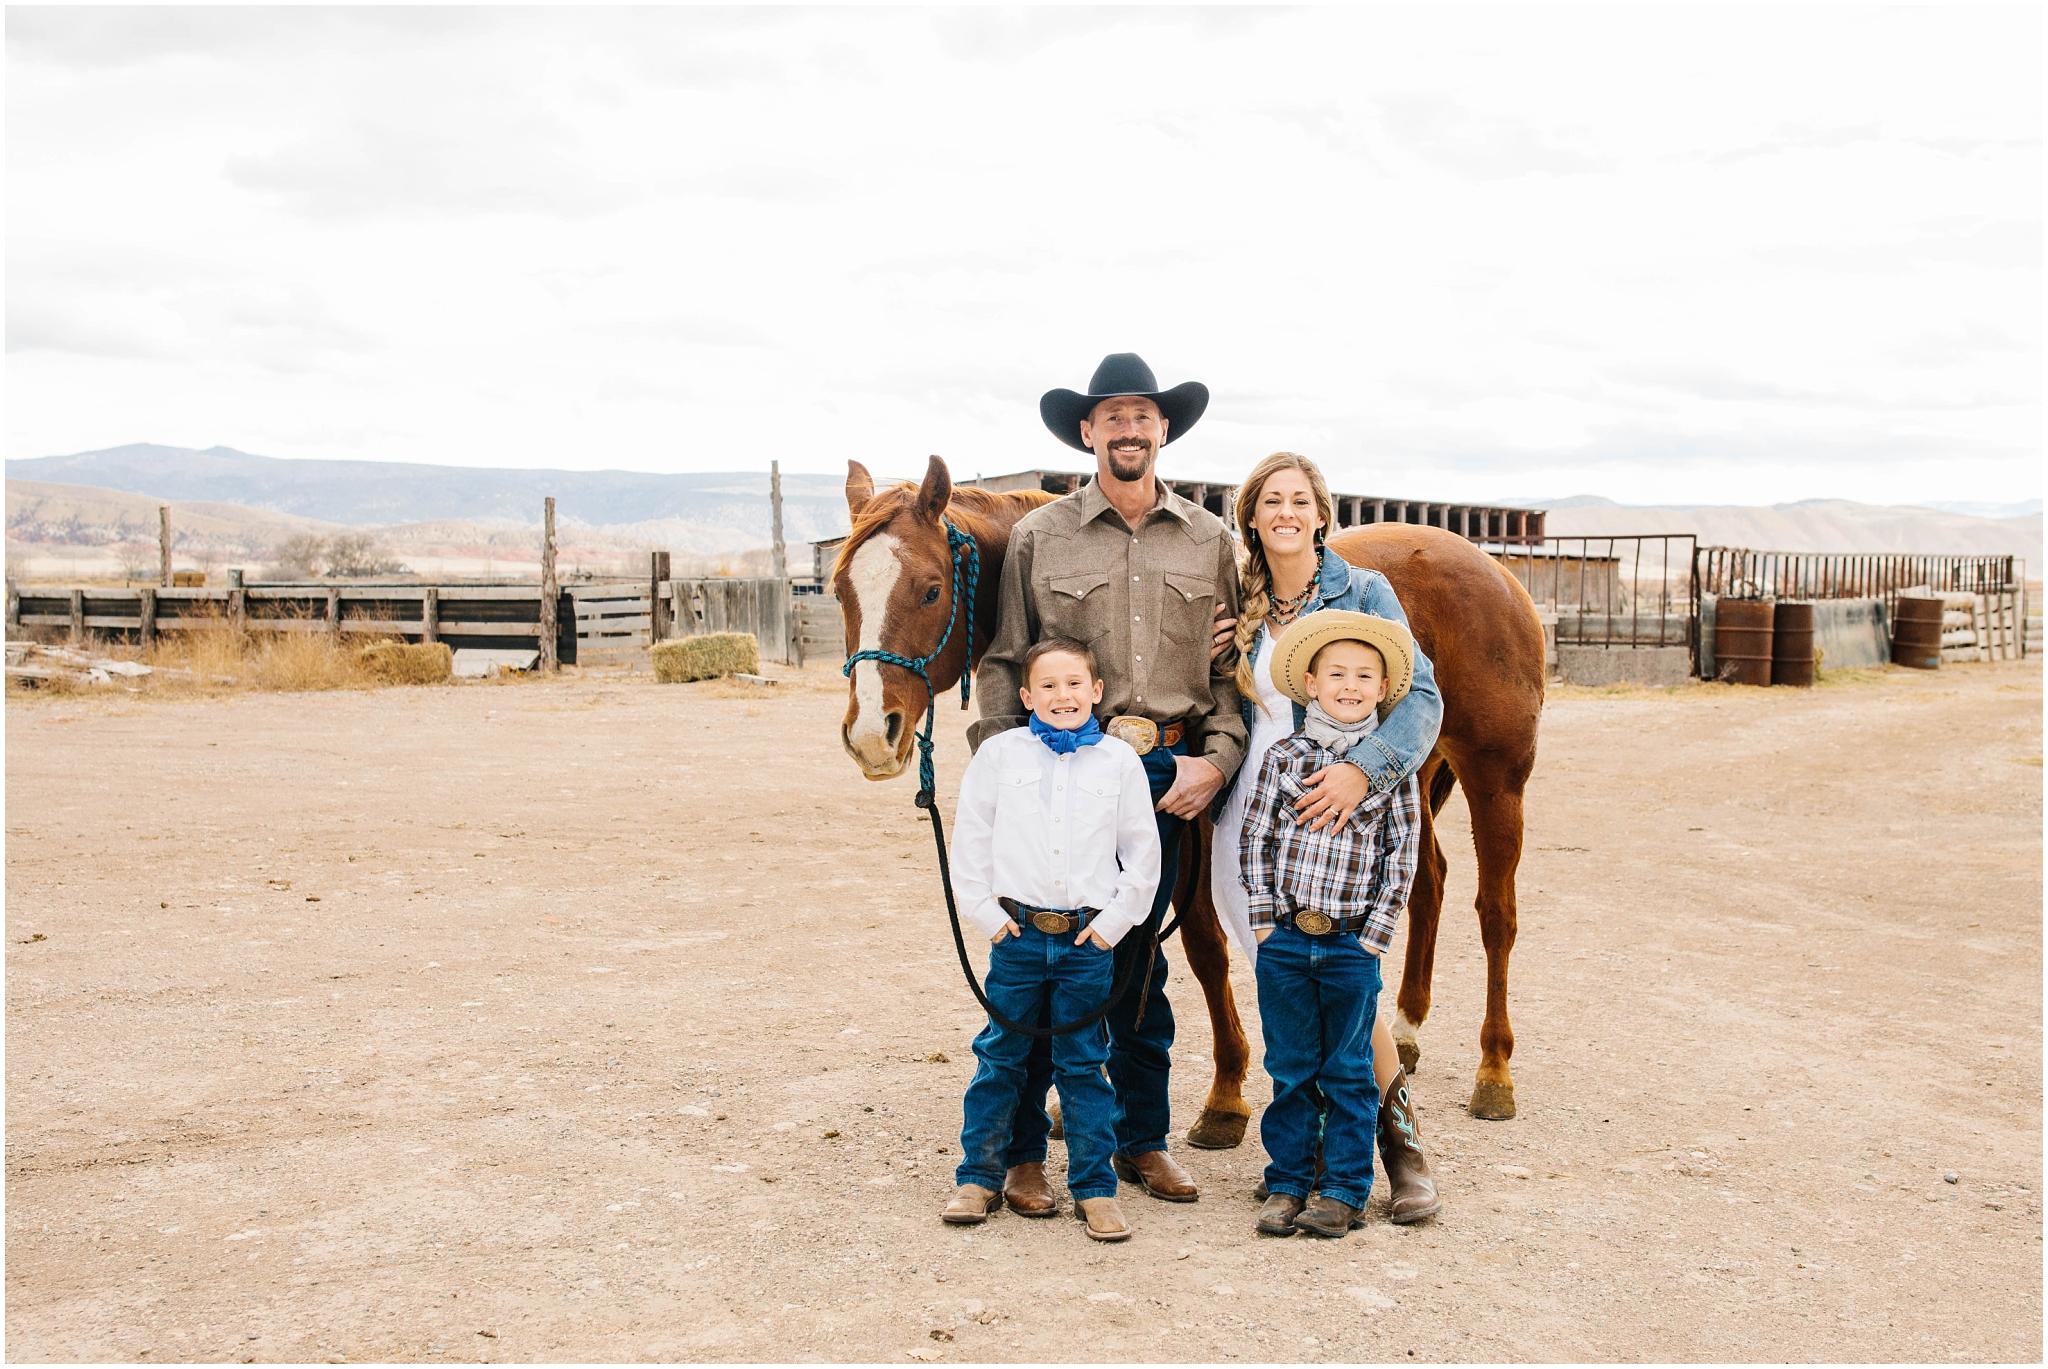 Lister-92_Lizzie-B-Imagery-Utah-Family-Photographer-Salt-Lake-City-Park-City-Utah-County.jpg